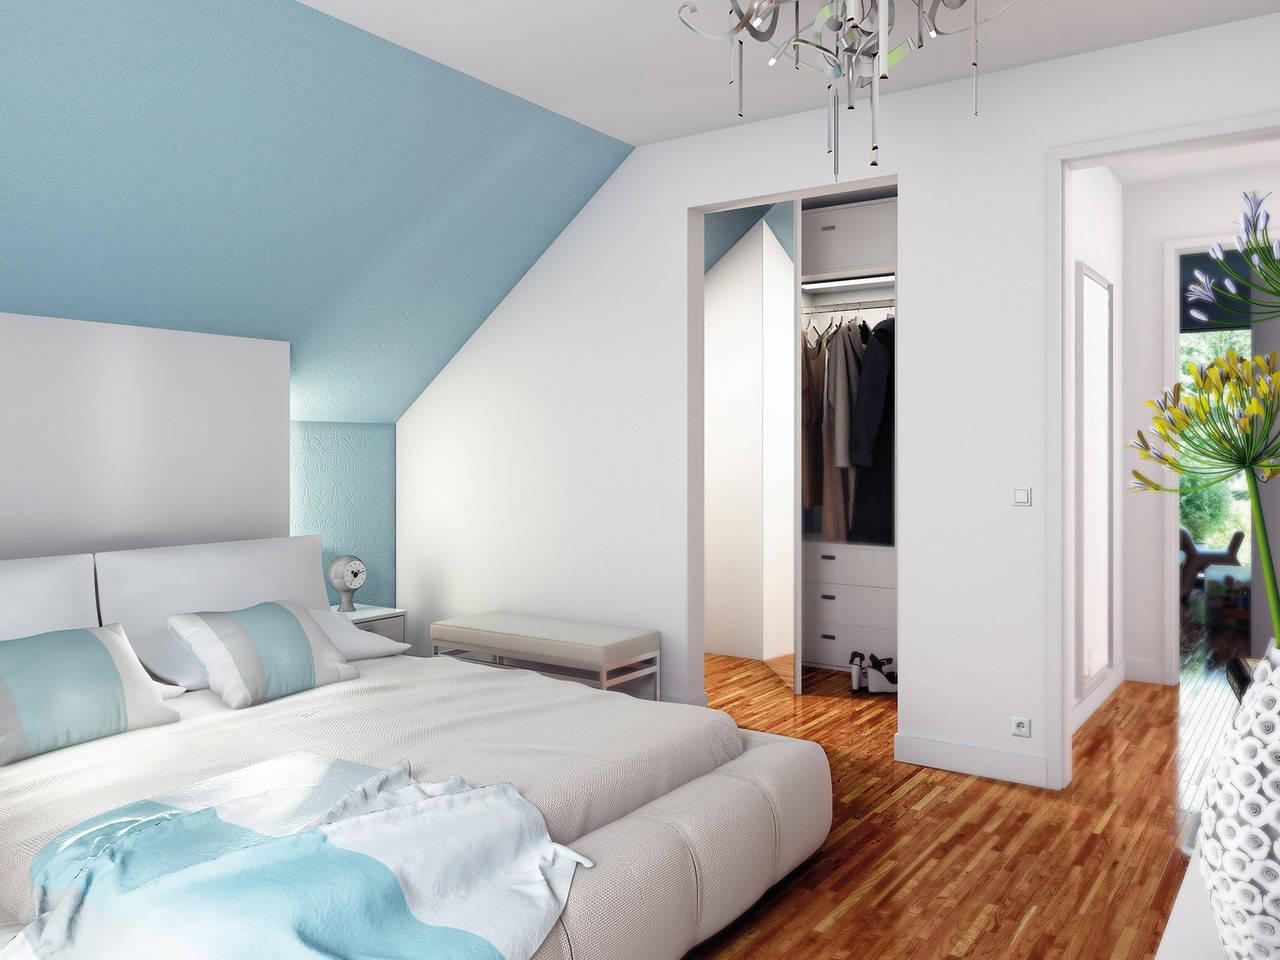 Haus SOLUTION 124 V8 Schlafzimmer von Living Haus